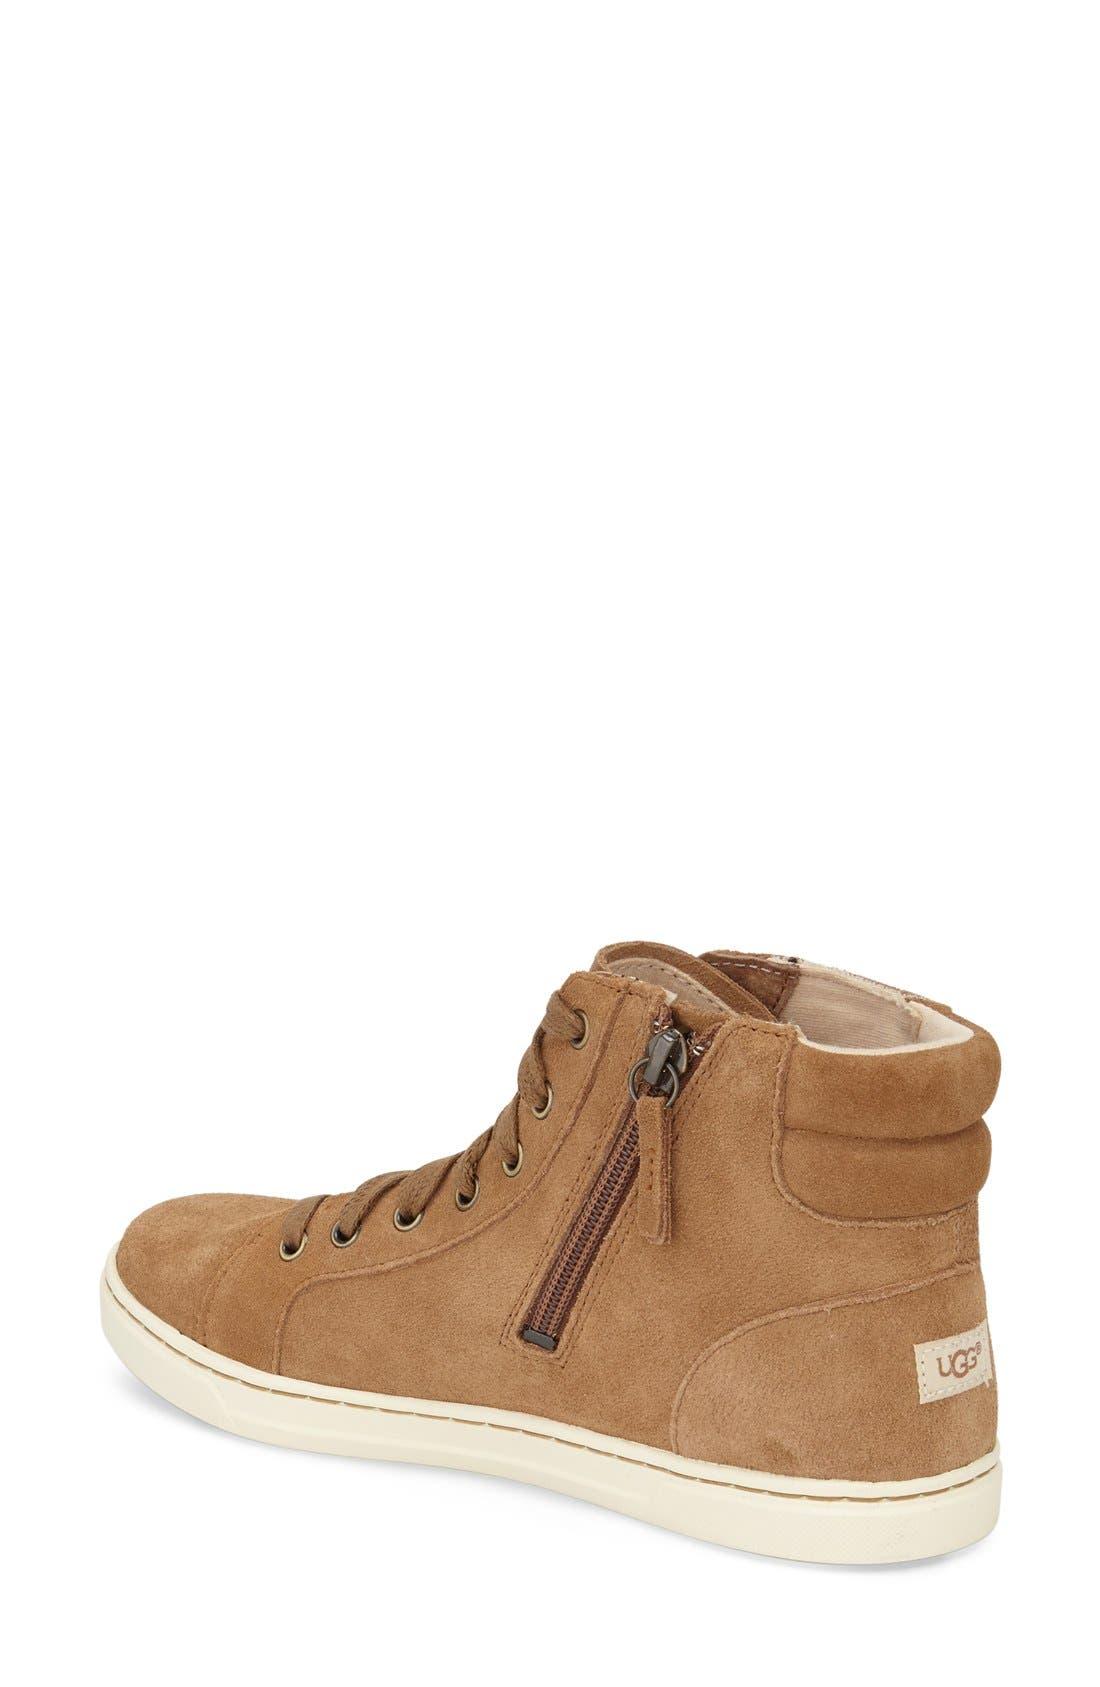 Alternate Image 2  - UGG® Gradie Deco Stud High Top Sneaker (Women)